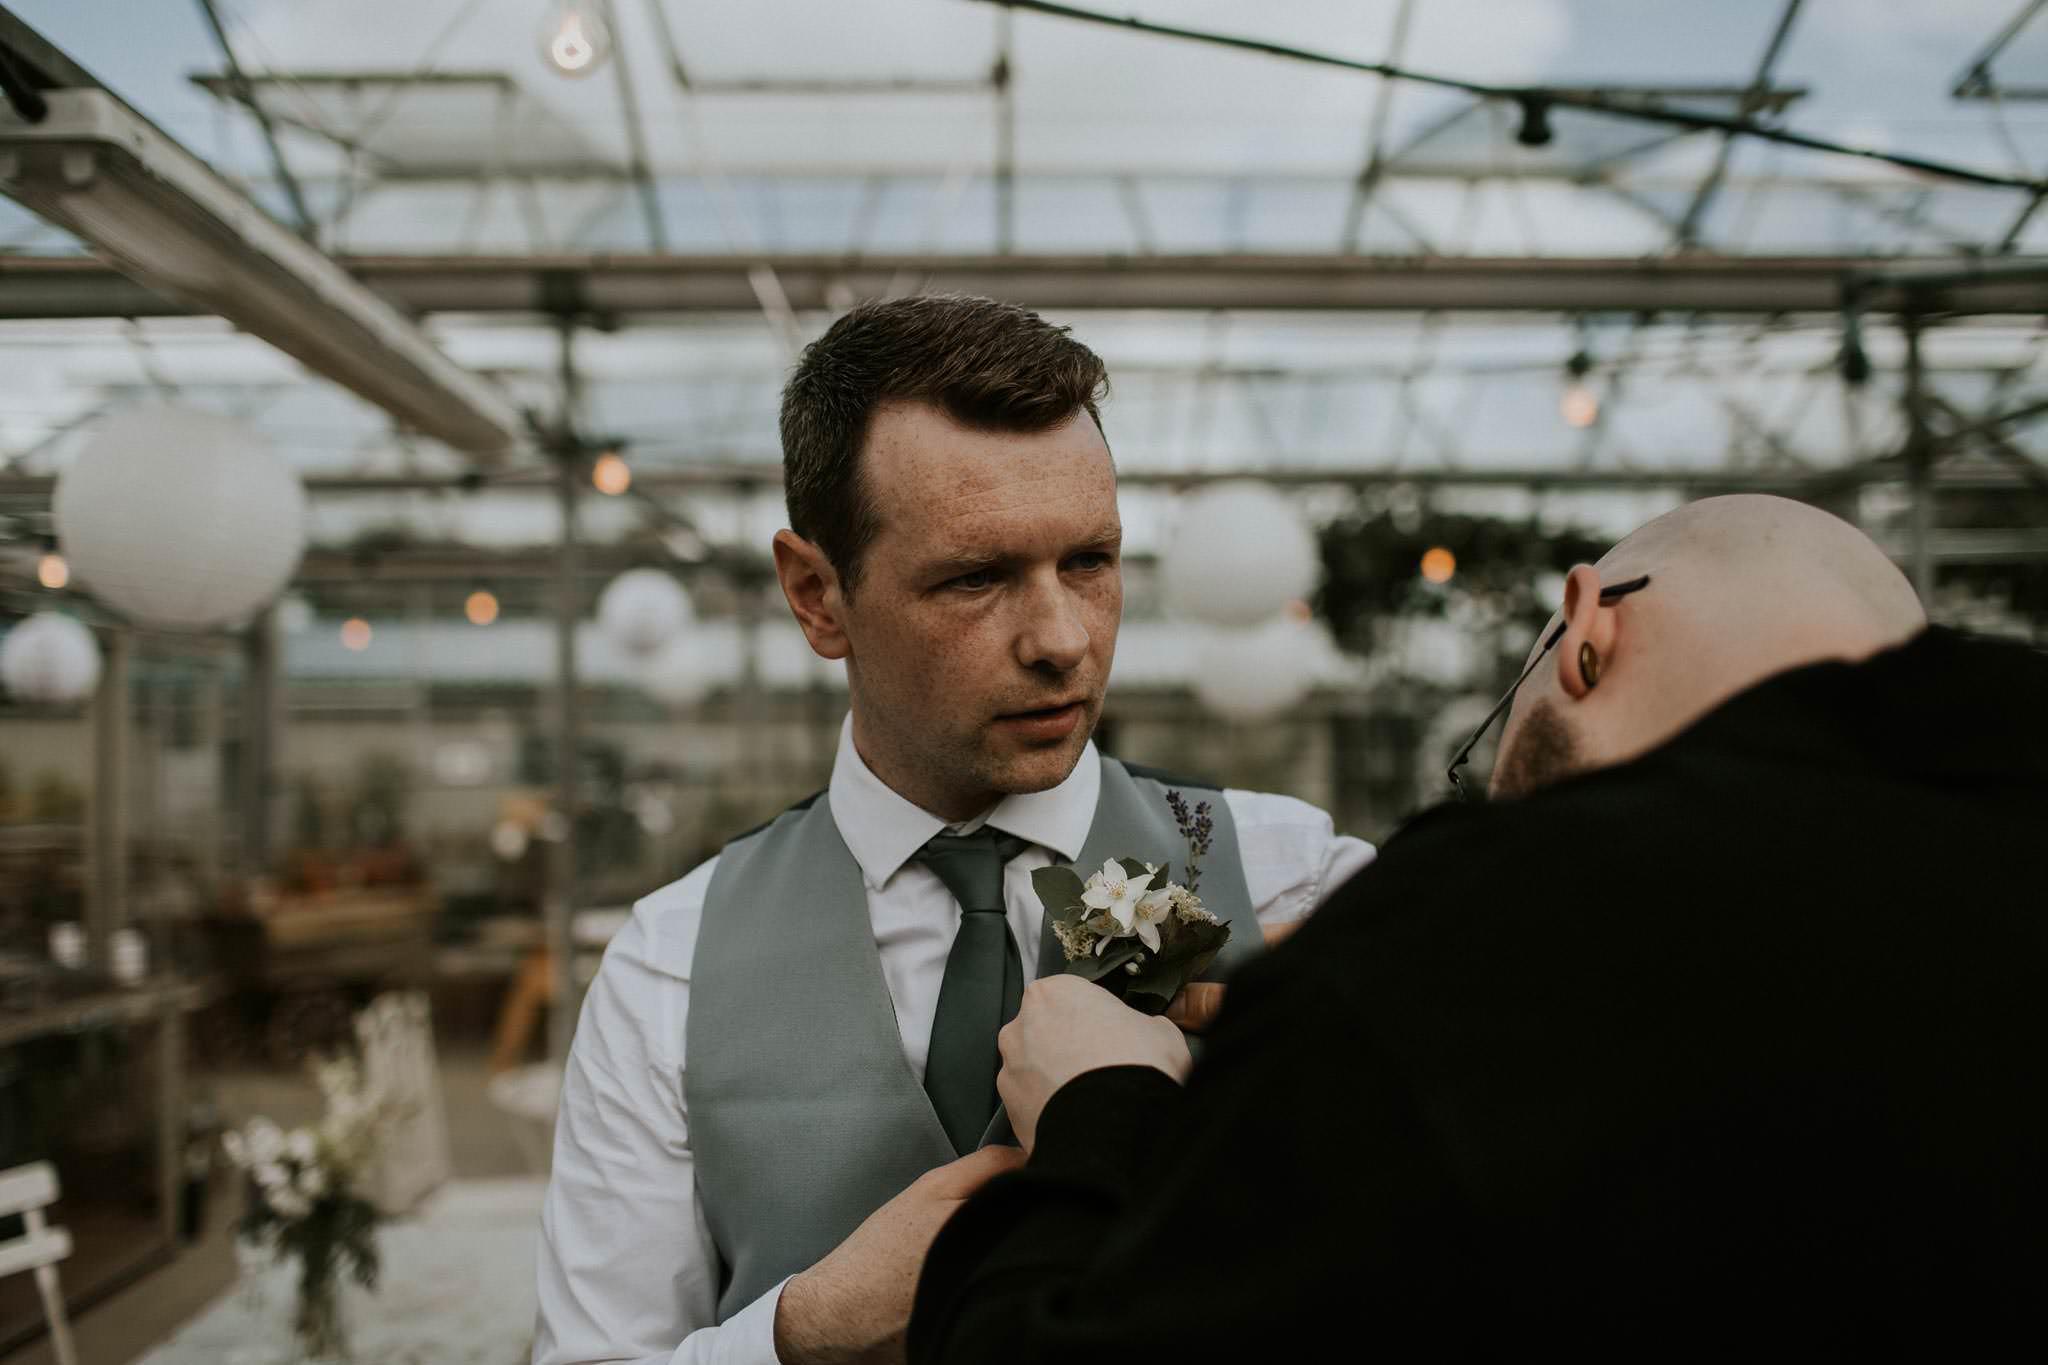 secret-herb-garden-edinburgh-vegan-wedding-025